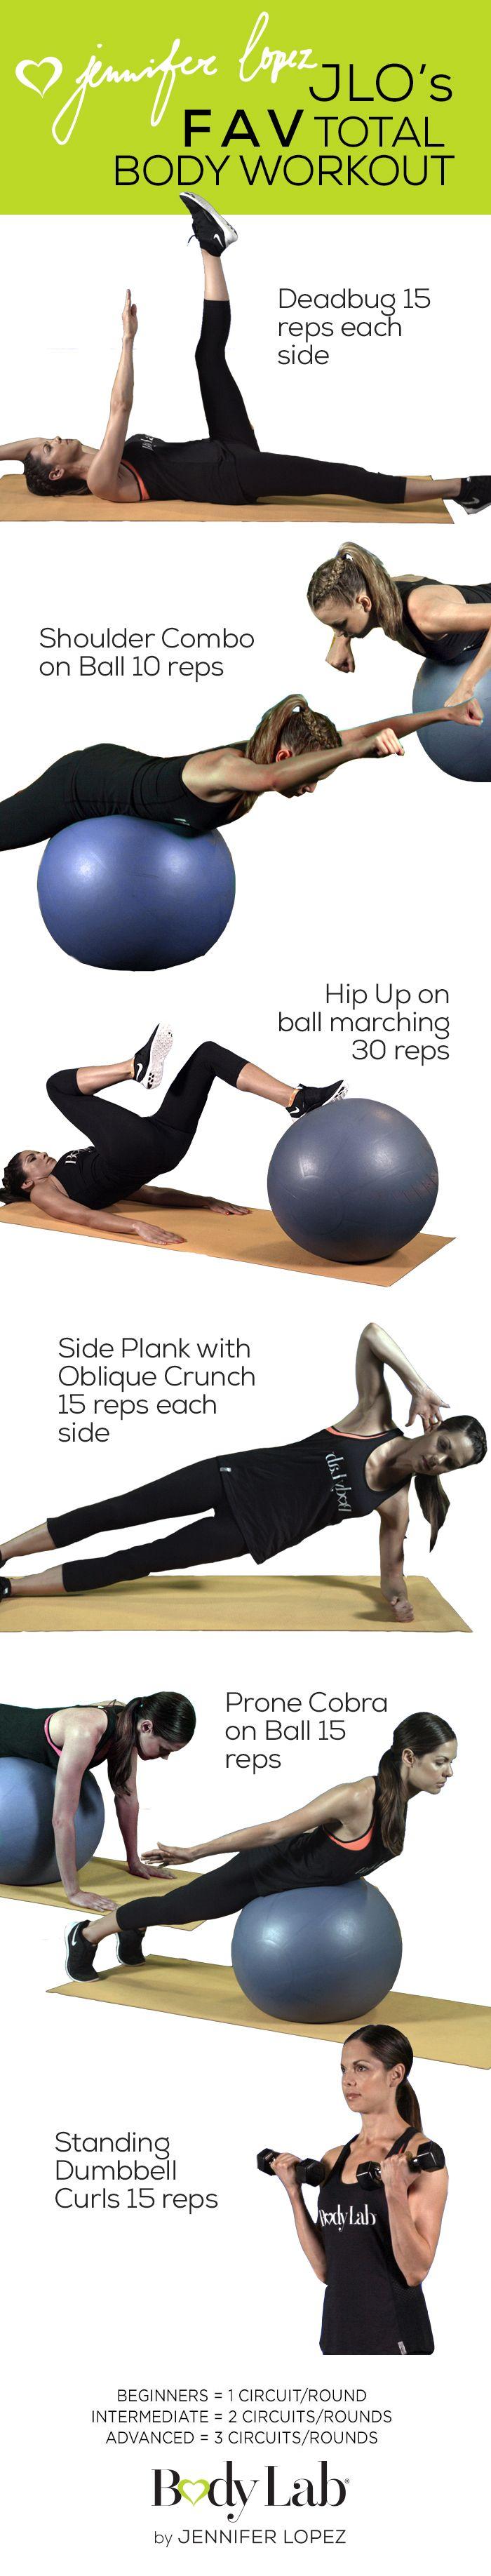 quick little workout I put together for bodylab www.bodylab.com/mobile